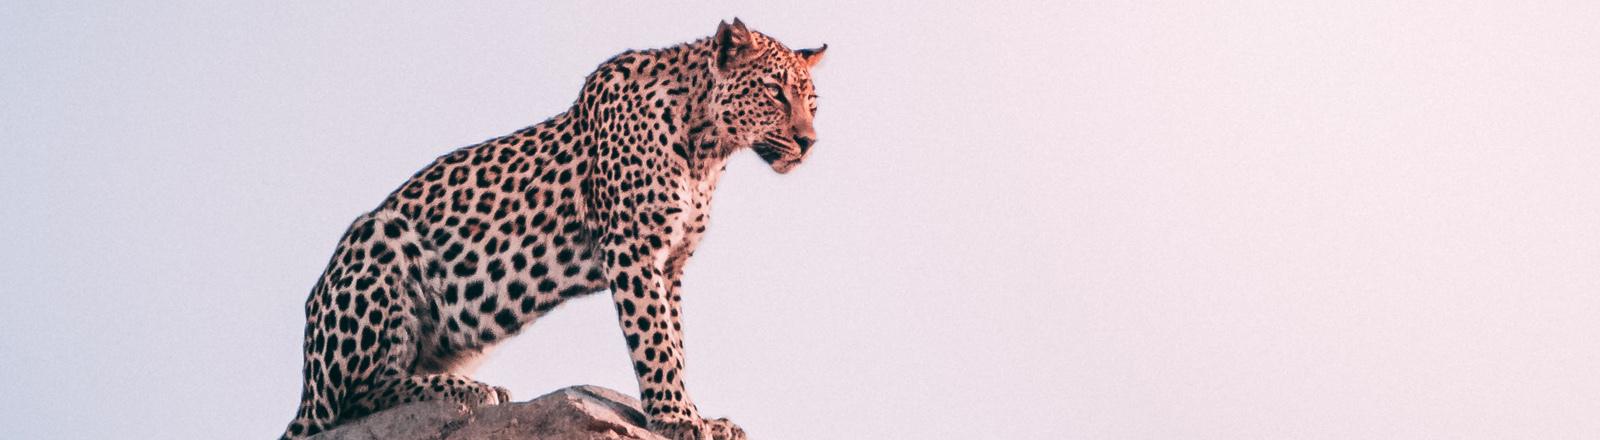 Jaguar steht auf Fels